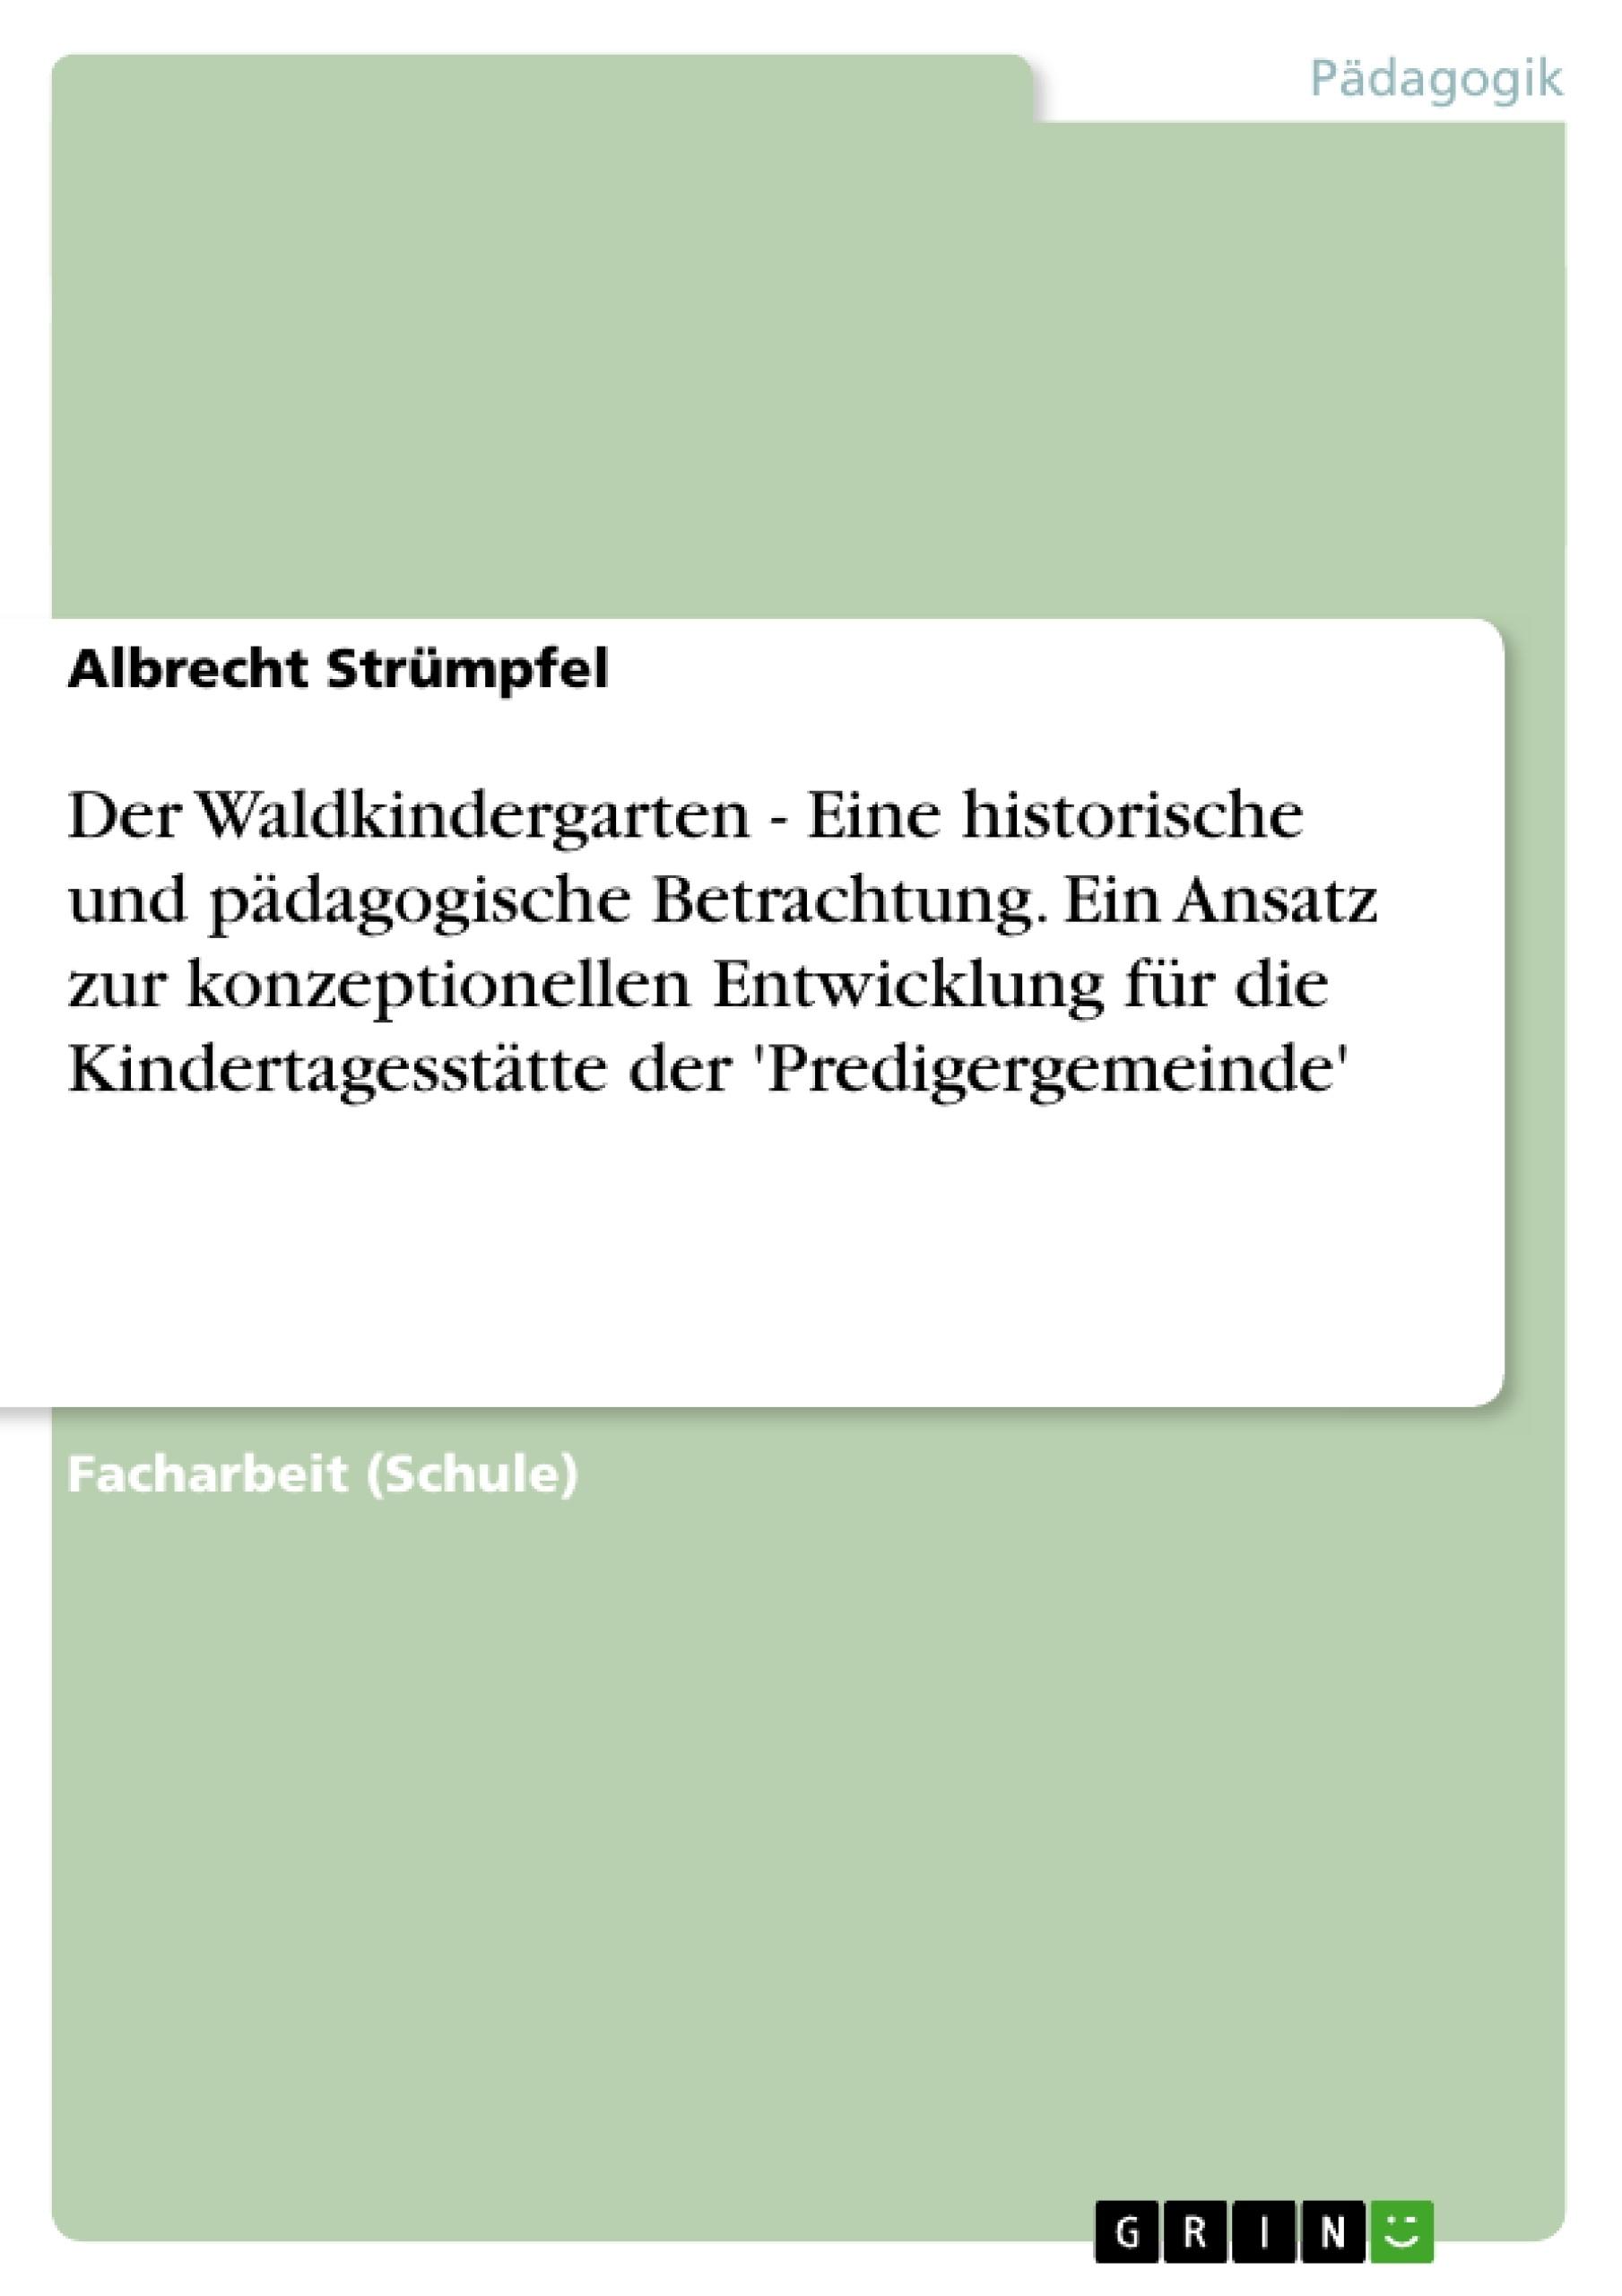 Titel: Der Waldkindergarten -  Eine historische und pädagogische Betrachtung.  Ein Ansatz zur konzeptionellen Entwicklung für die  Kindertagesstätte der 'Predigergemeinde'